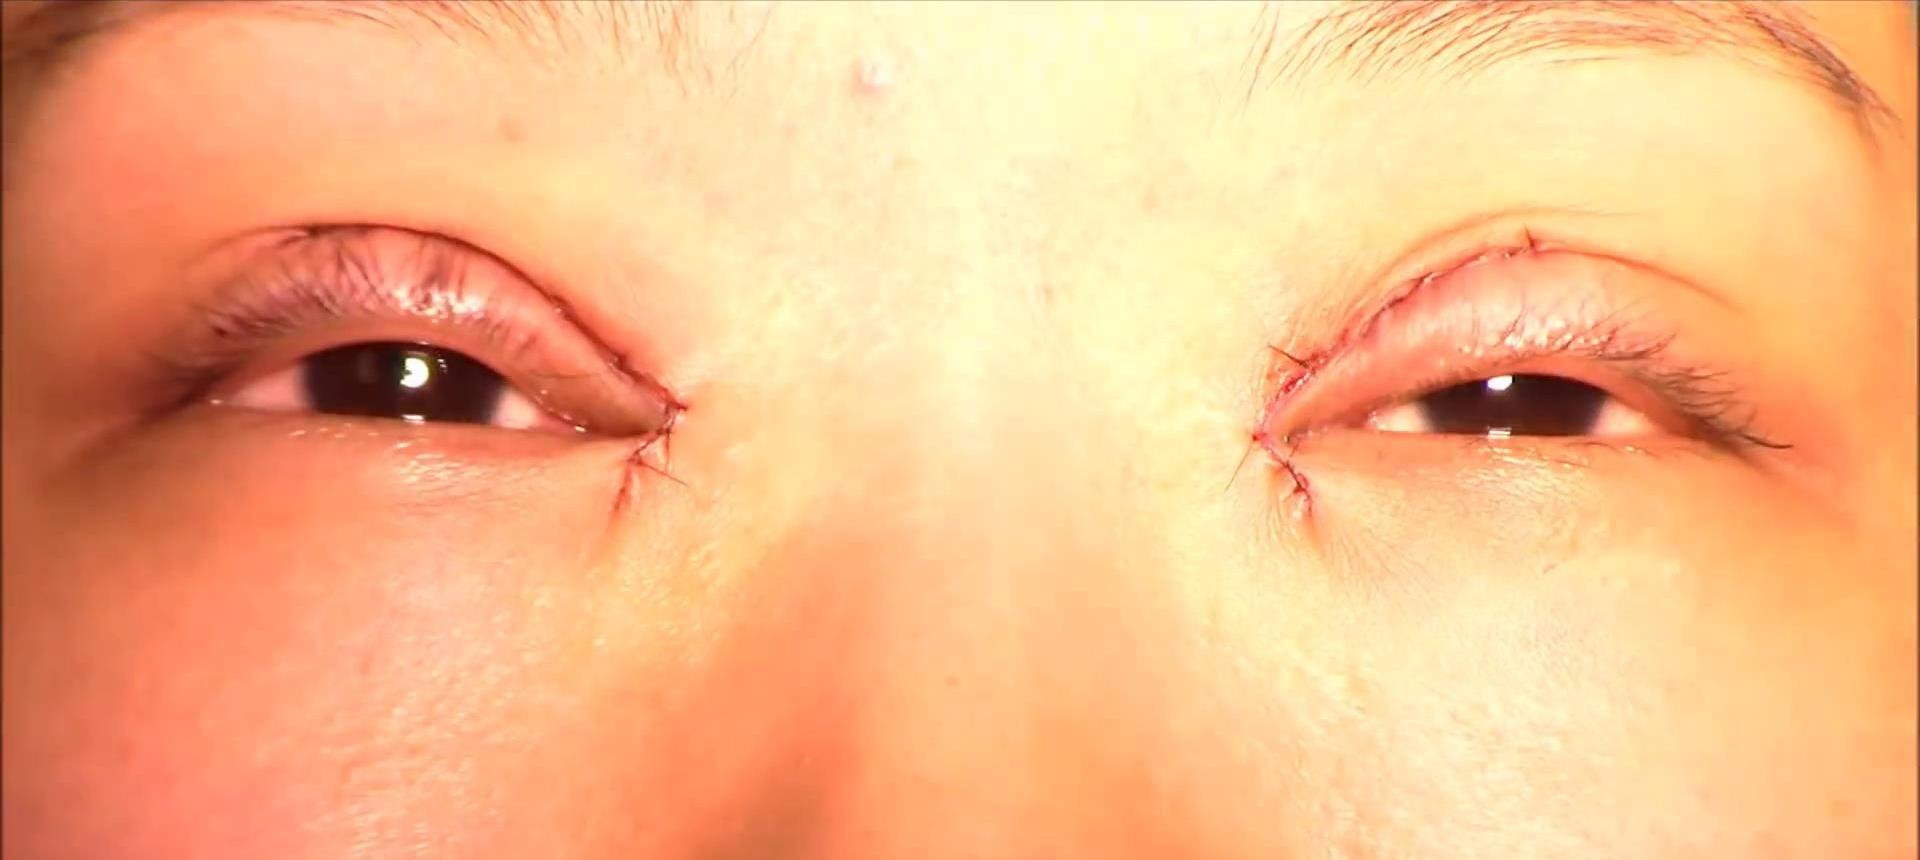 眼睛麦粒肿图片